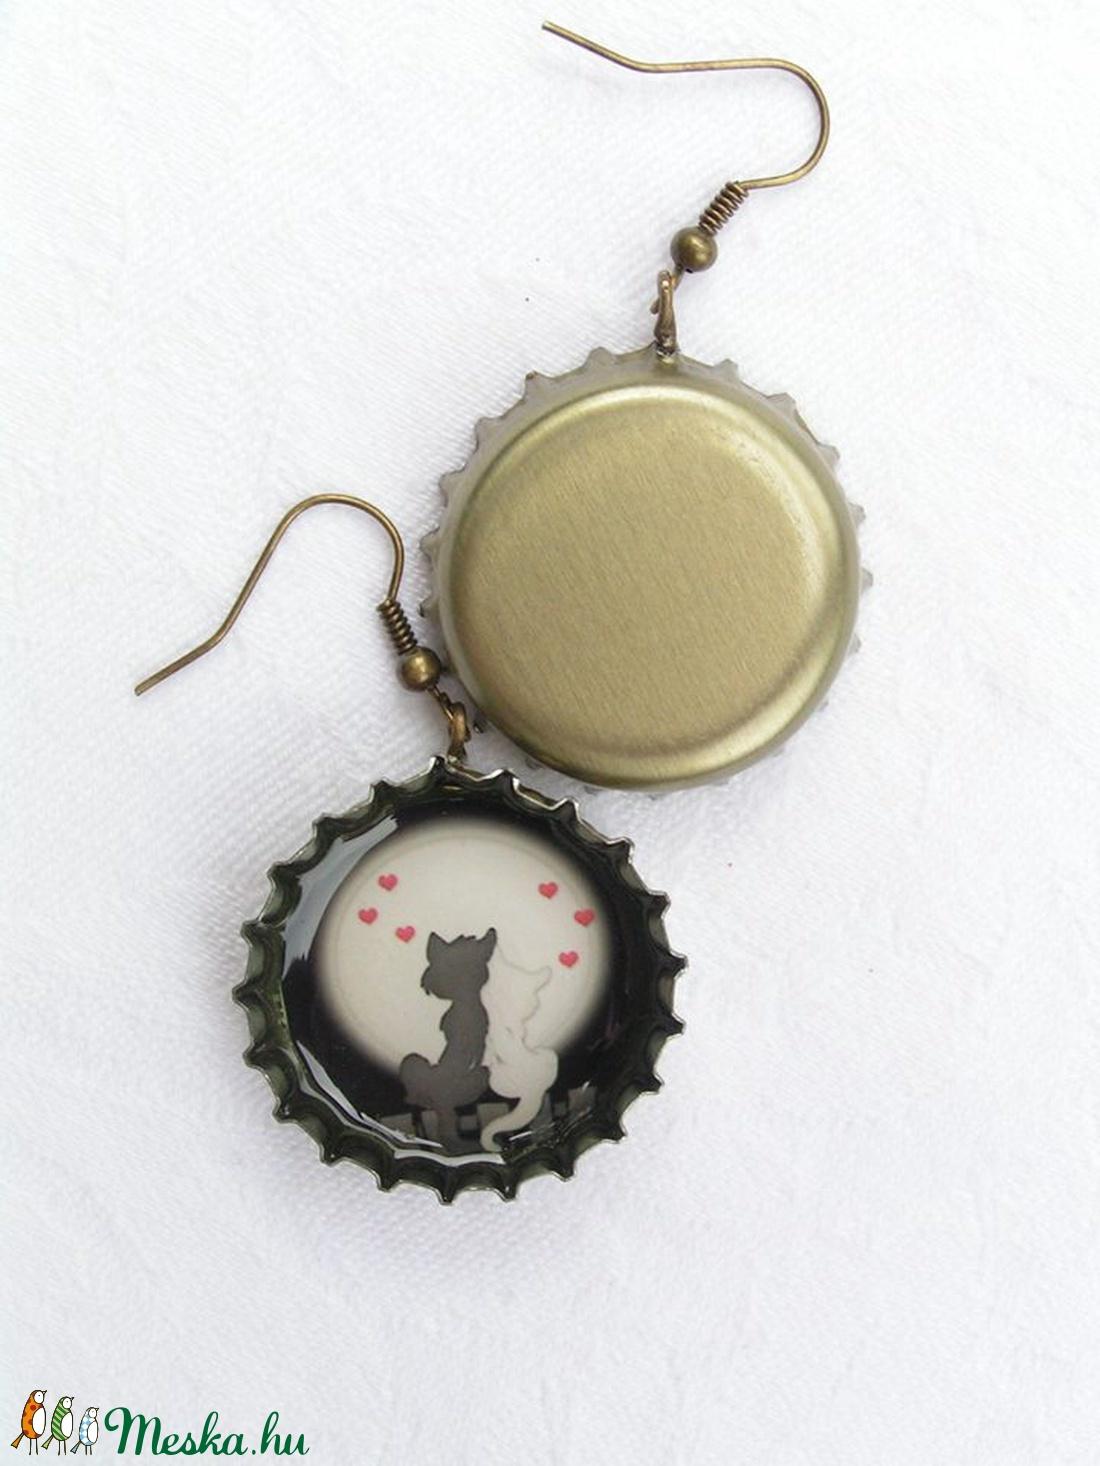 Szerelem a holdfényben - söröskupak fülbevaló (KrianaDesign) - Meska.hu